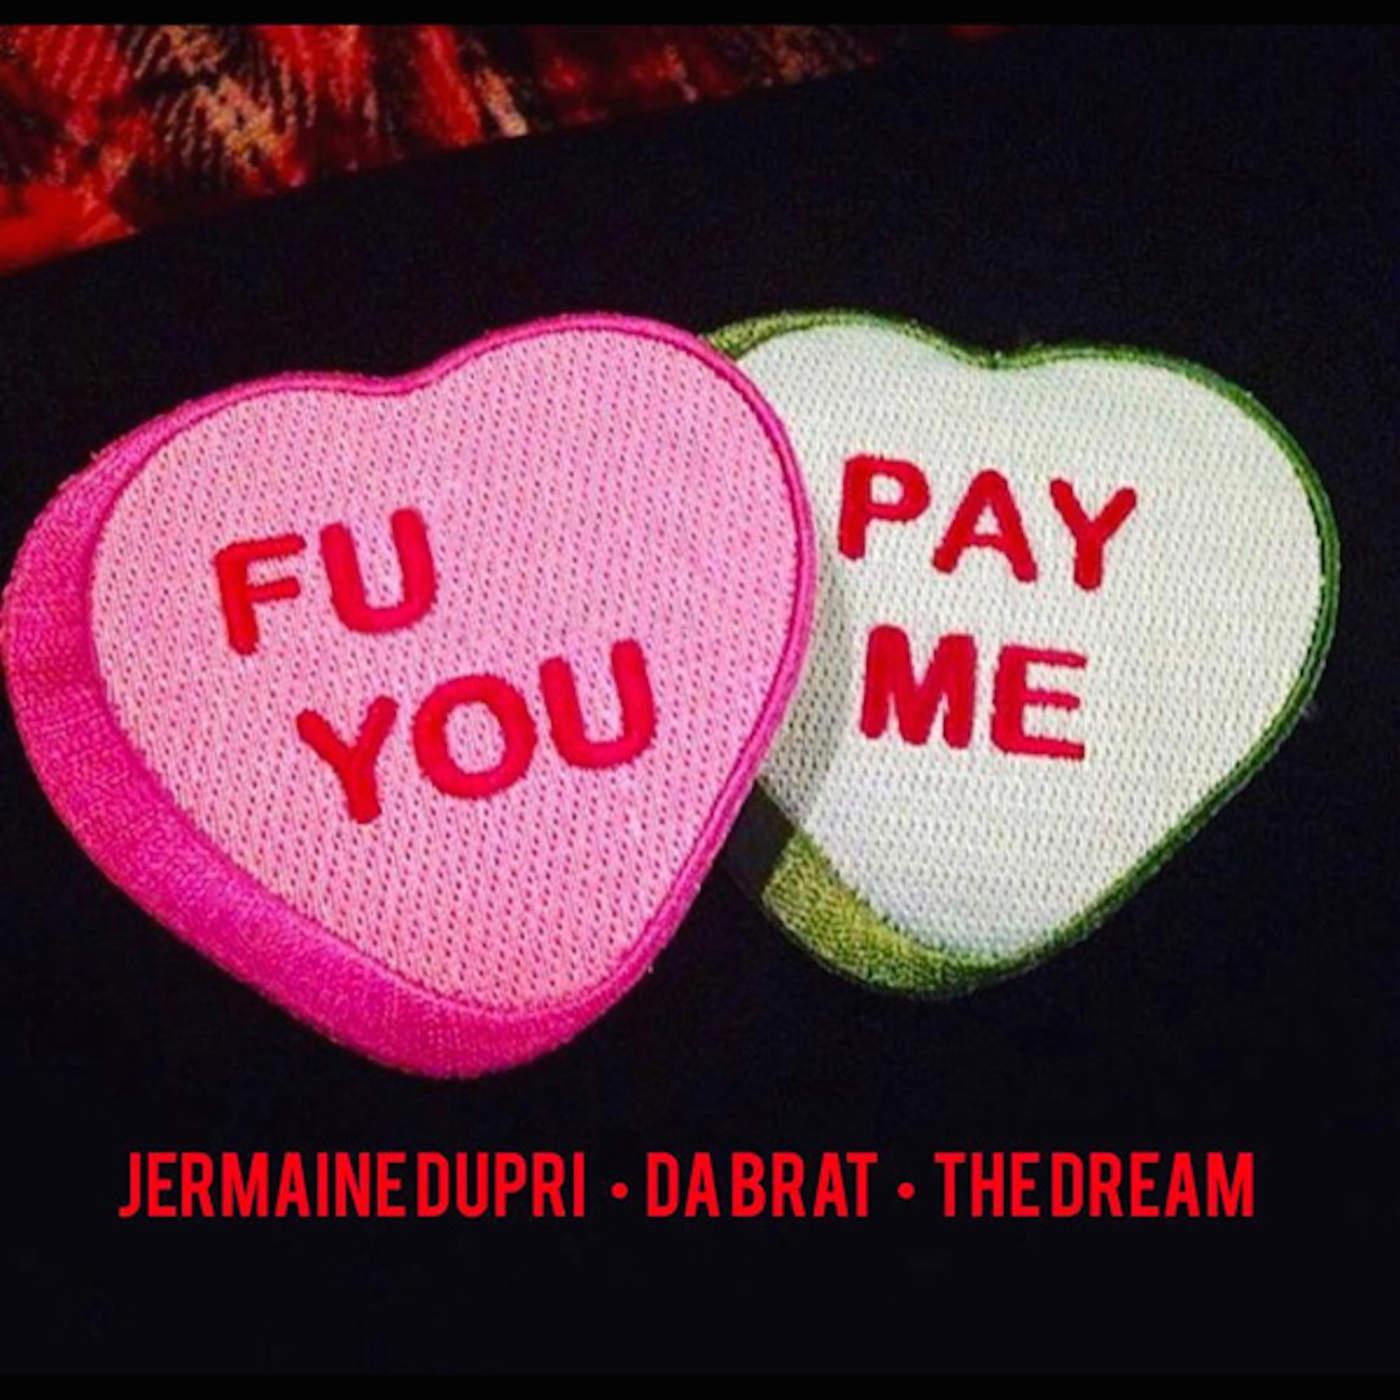 Jermaine Dupri & Da Brat - F U Pay Me (feat. The Dream) - Single Cover